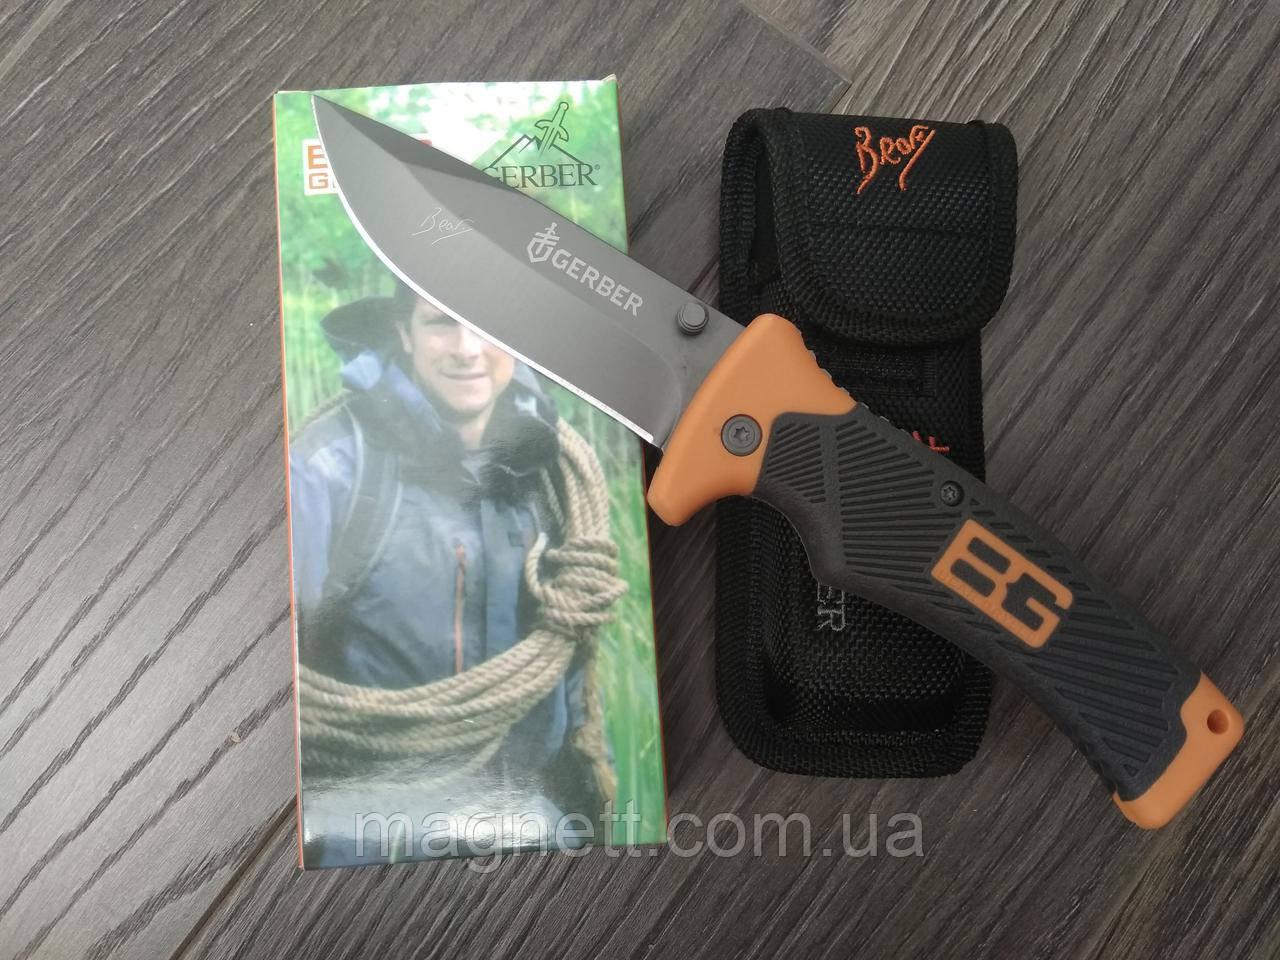 Нож Gerber Bear Grylls BG-133А + Чехол